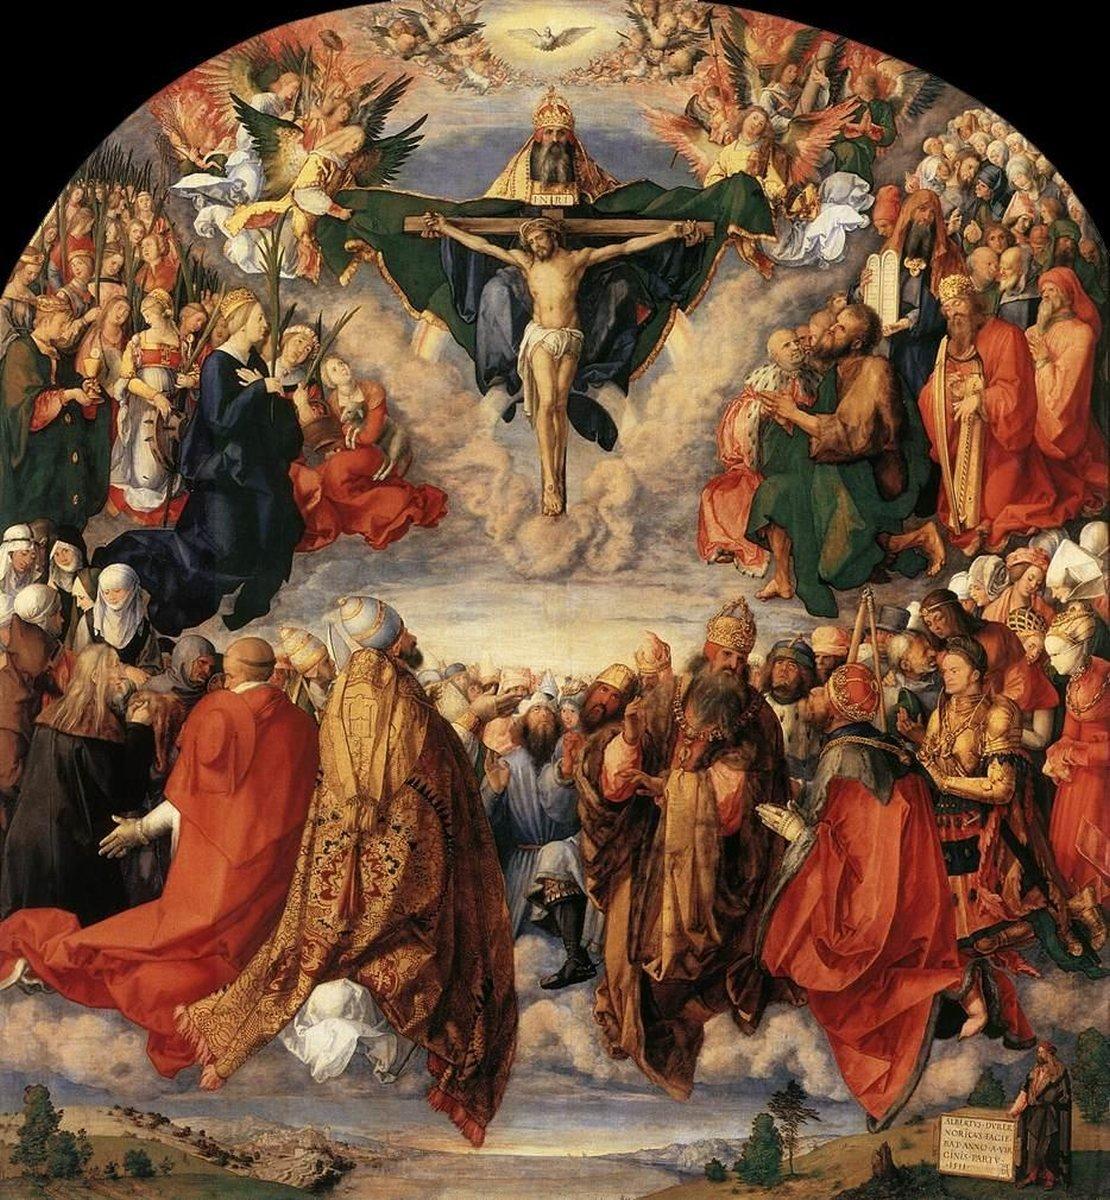 albrecht-durer-the-adoration-of-the-holy-trinity-landauer-altar-detail dans Prières de tous les jours